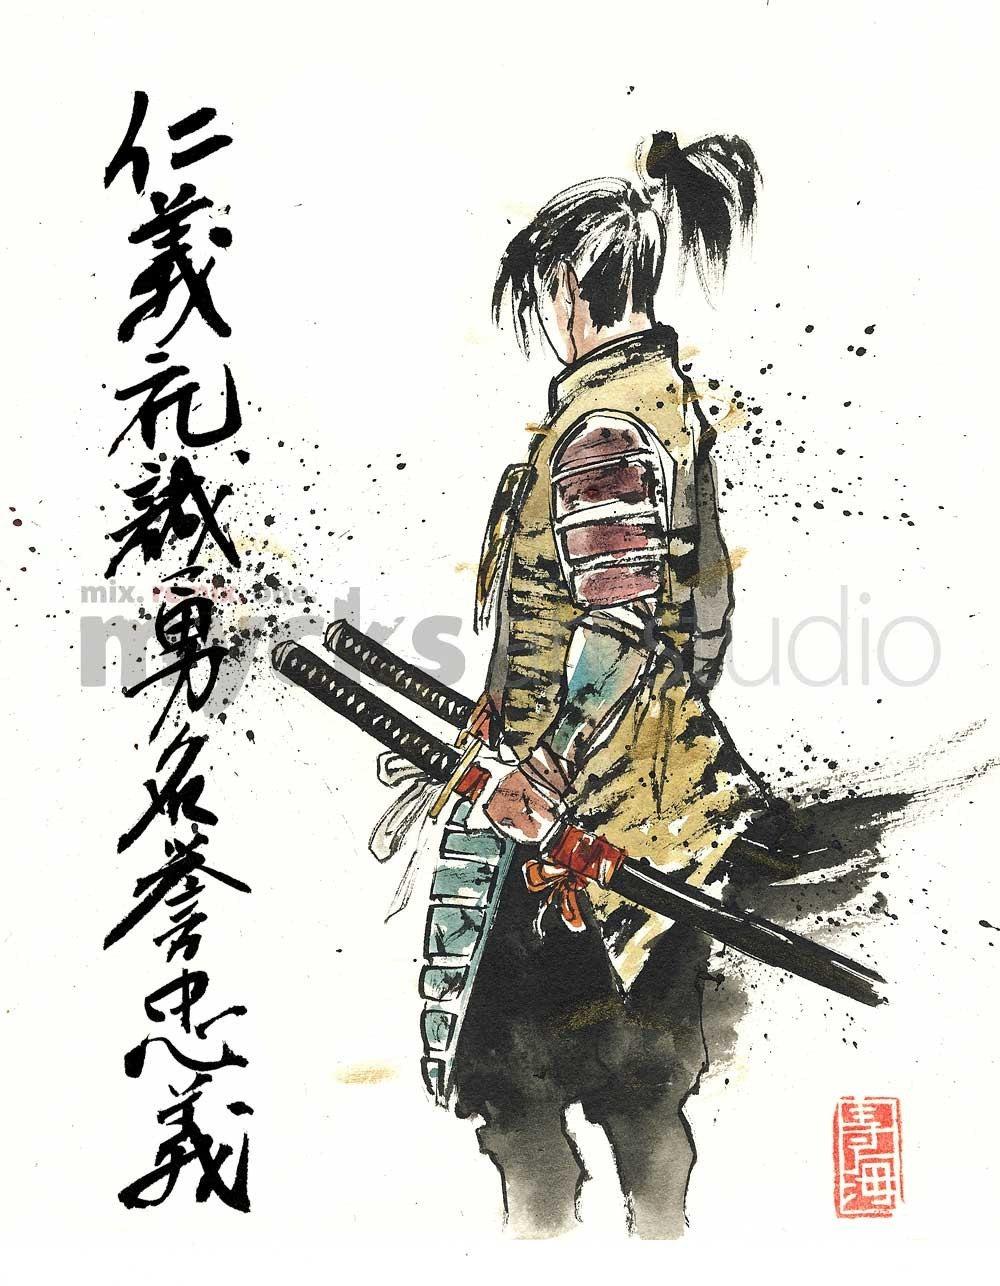 samurai schwert malerei mit sieben tugenden der samurai. Black Bedroom Furniture Sets. Home Design Ideas